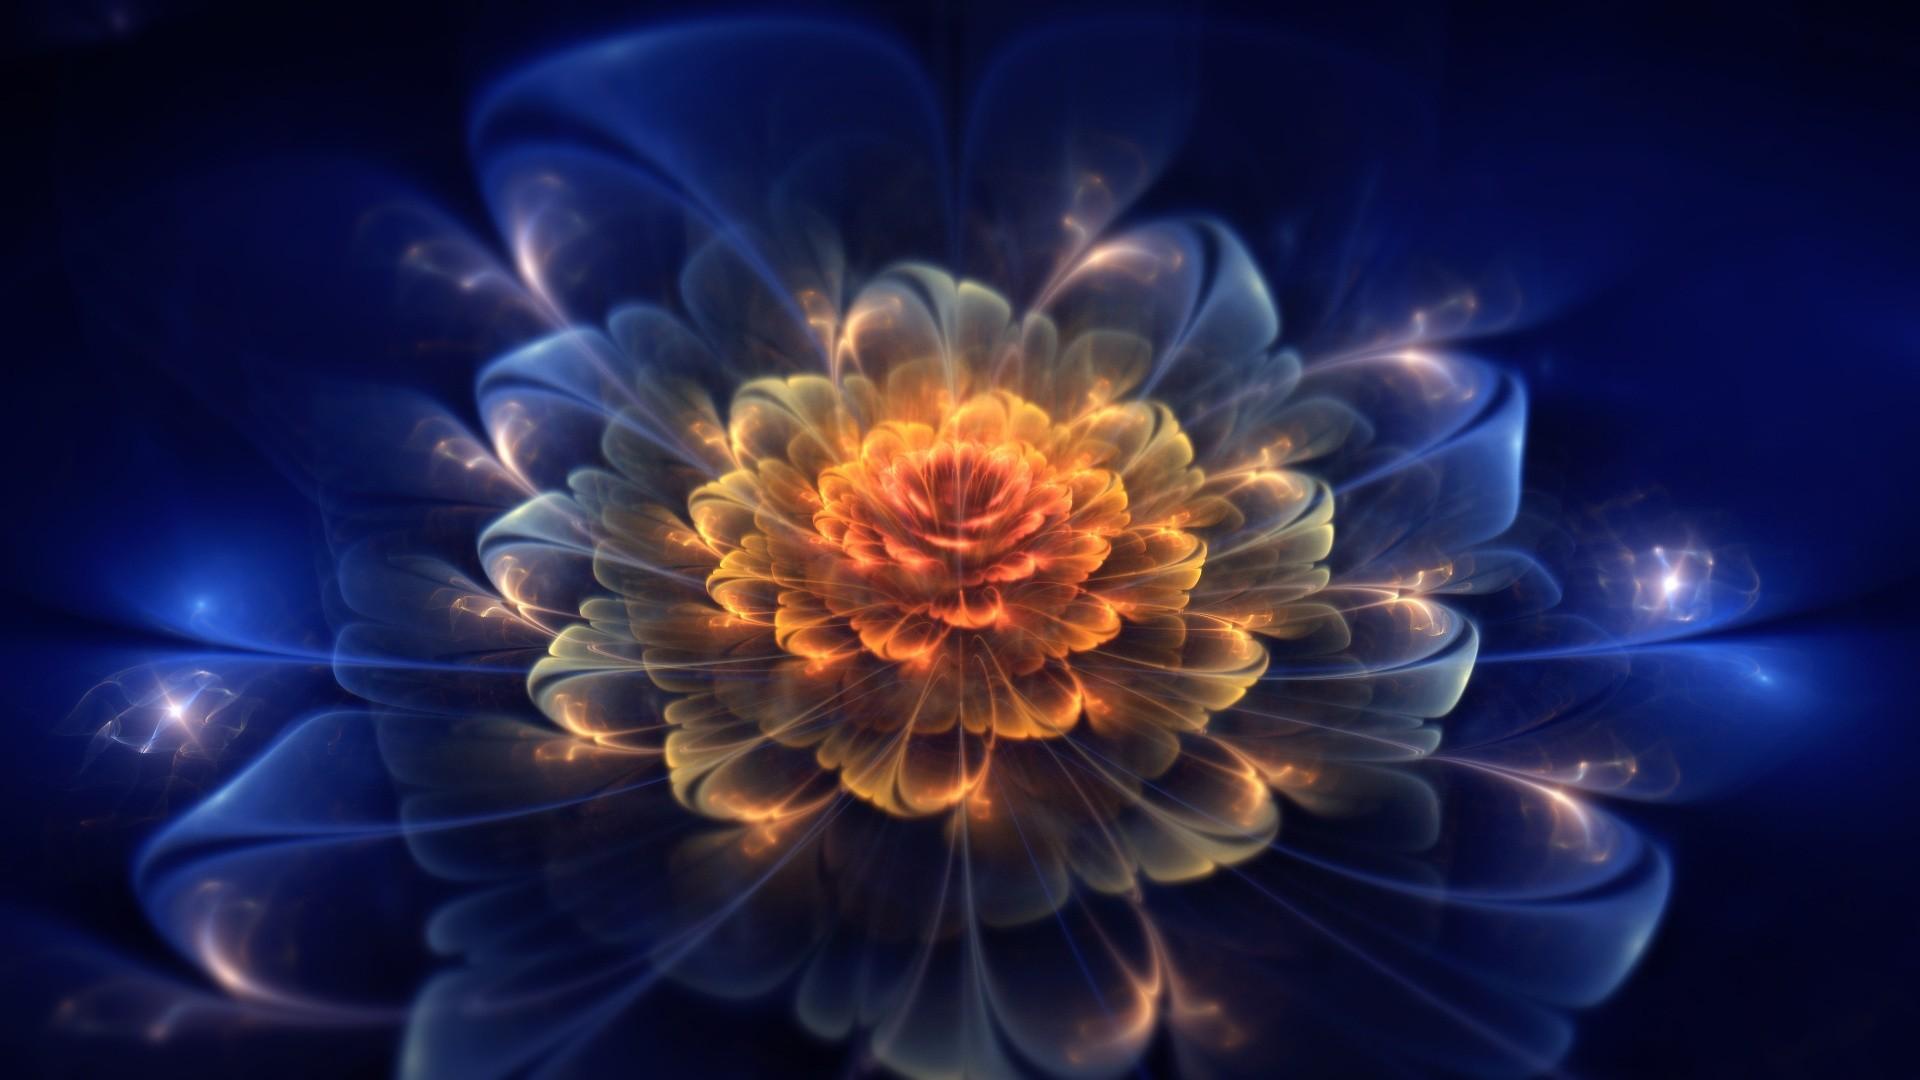 … Background Full HD 1080p. Wallpaper fractal, flower, light,  dark